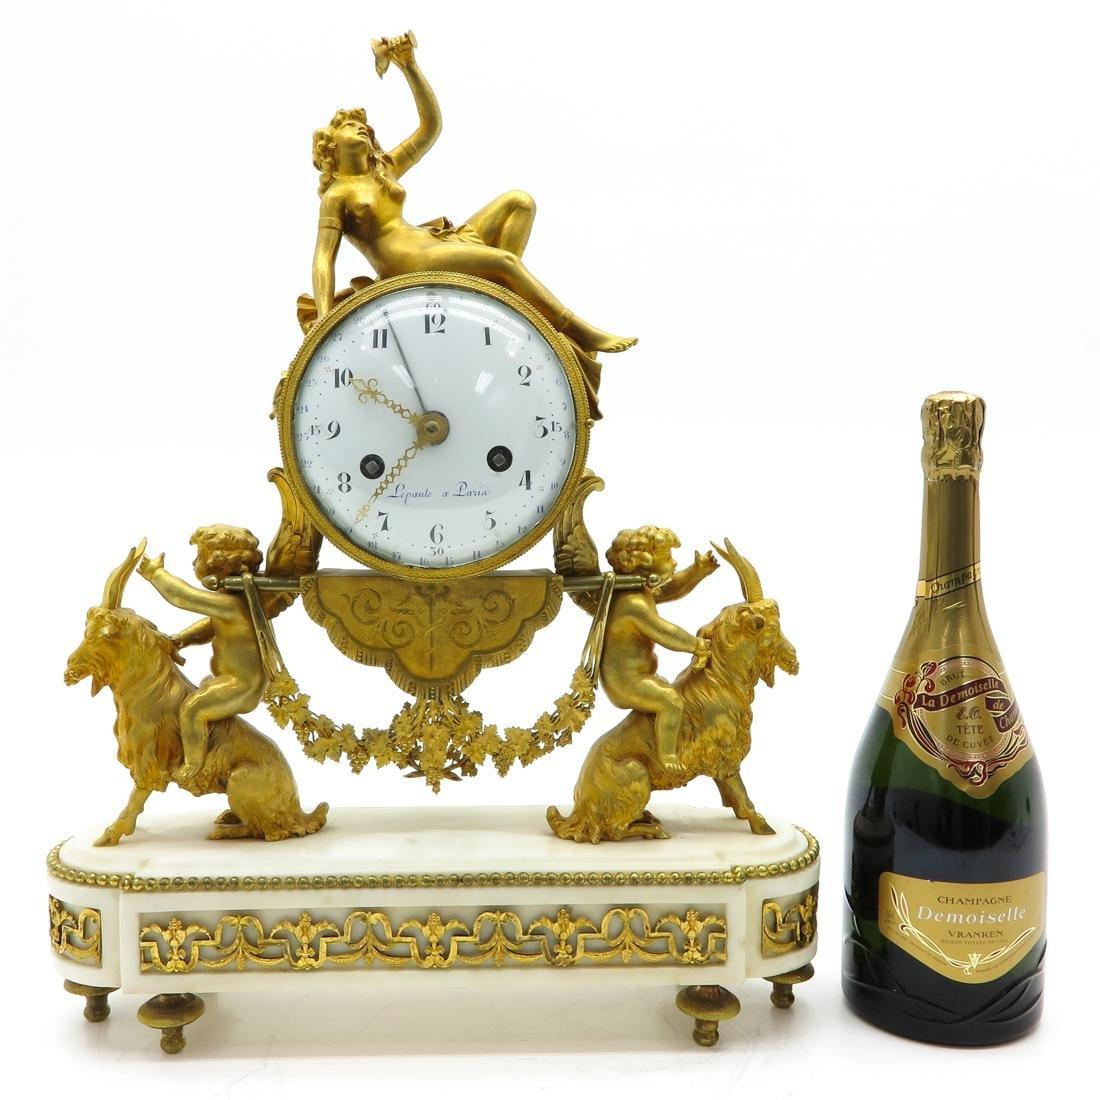 French Louis XVI Period Pendule Signed Le Poute a Paris - 7